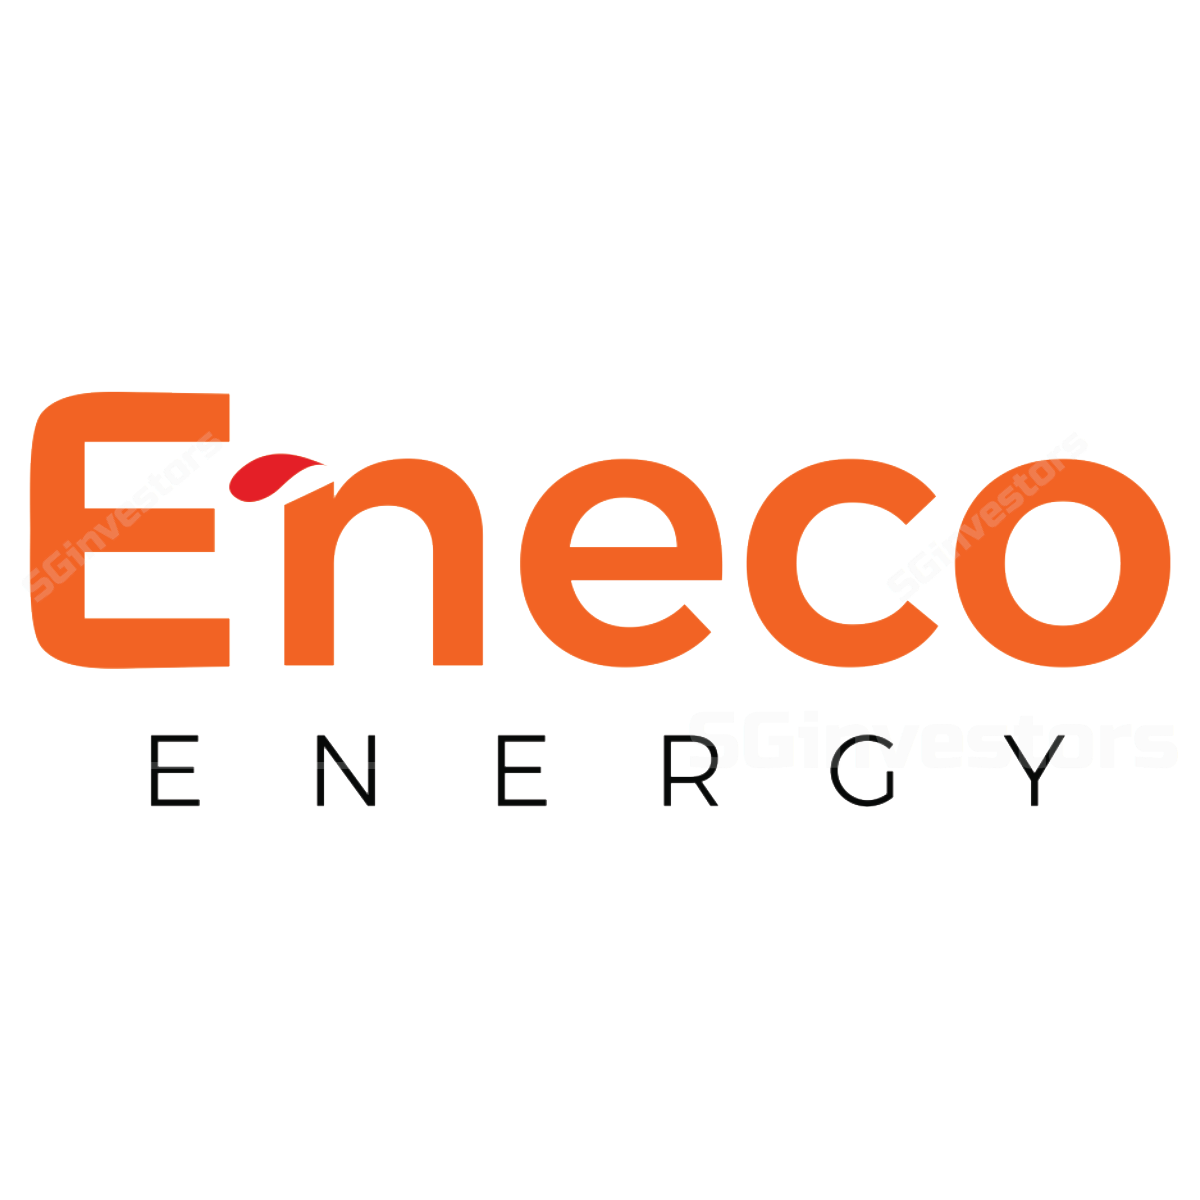 ENECO ENERGY LIMITED (SGX:R14) @ SGinvestors.io